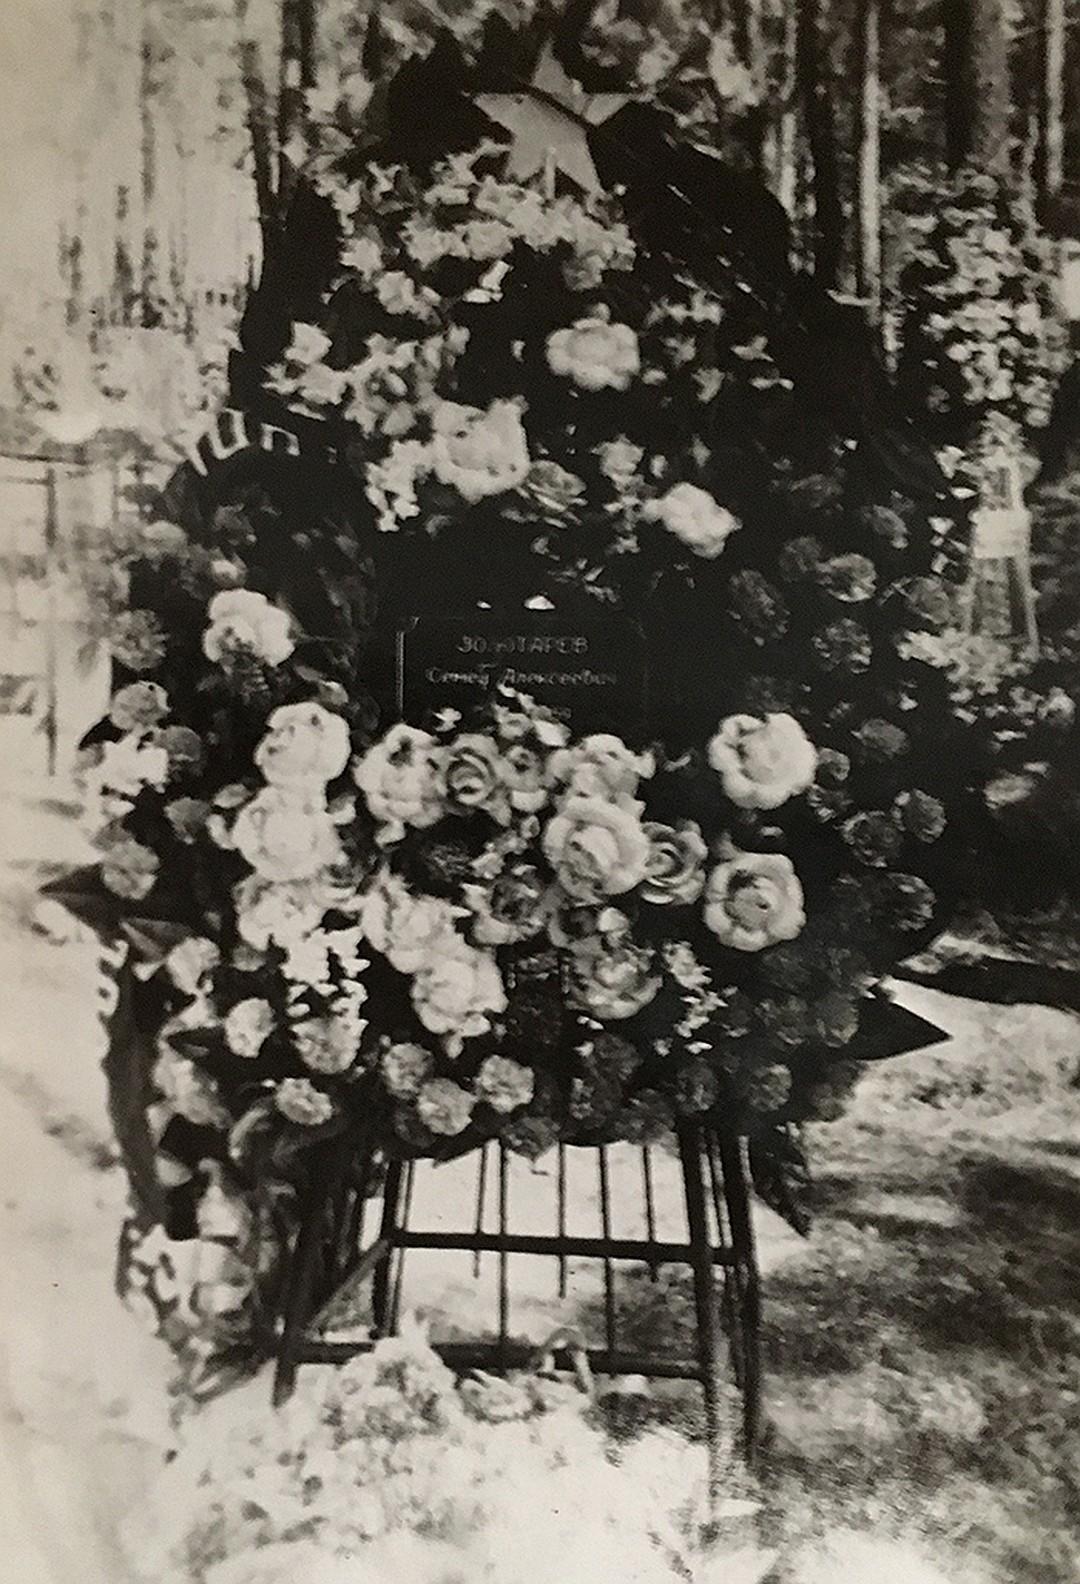 Могила Семена Золотарева на Ивановском кладбище в Свердловске. Венки, венки... Фото: Гугл.